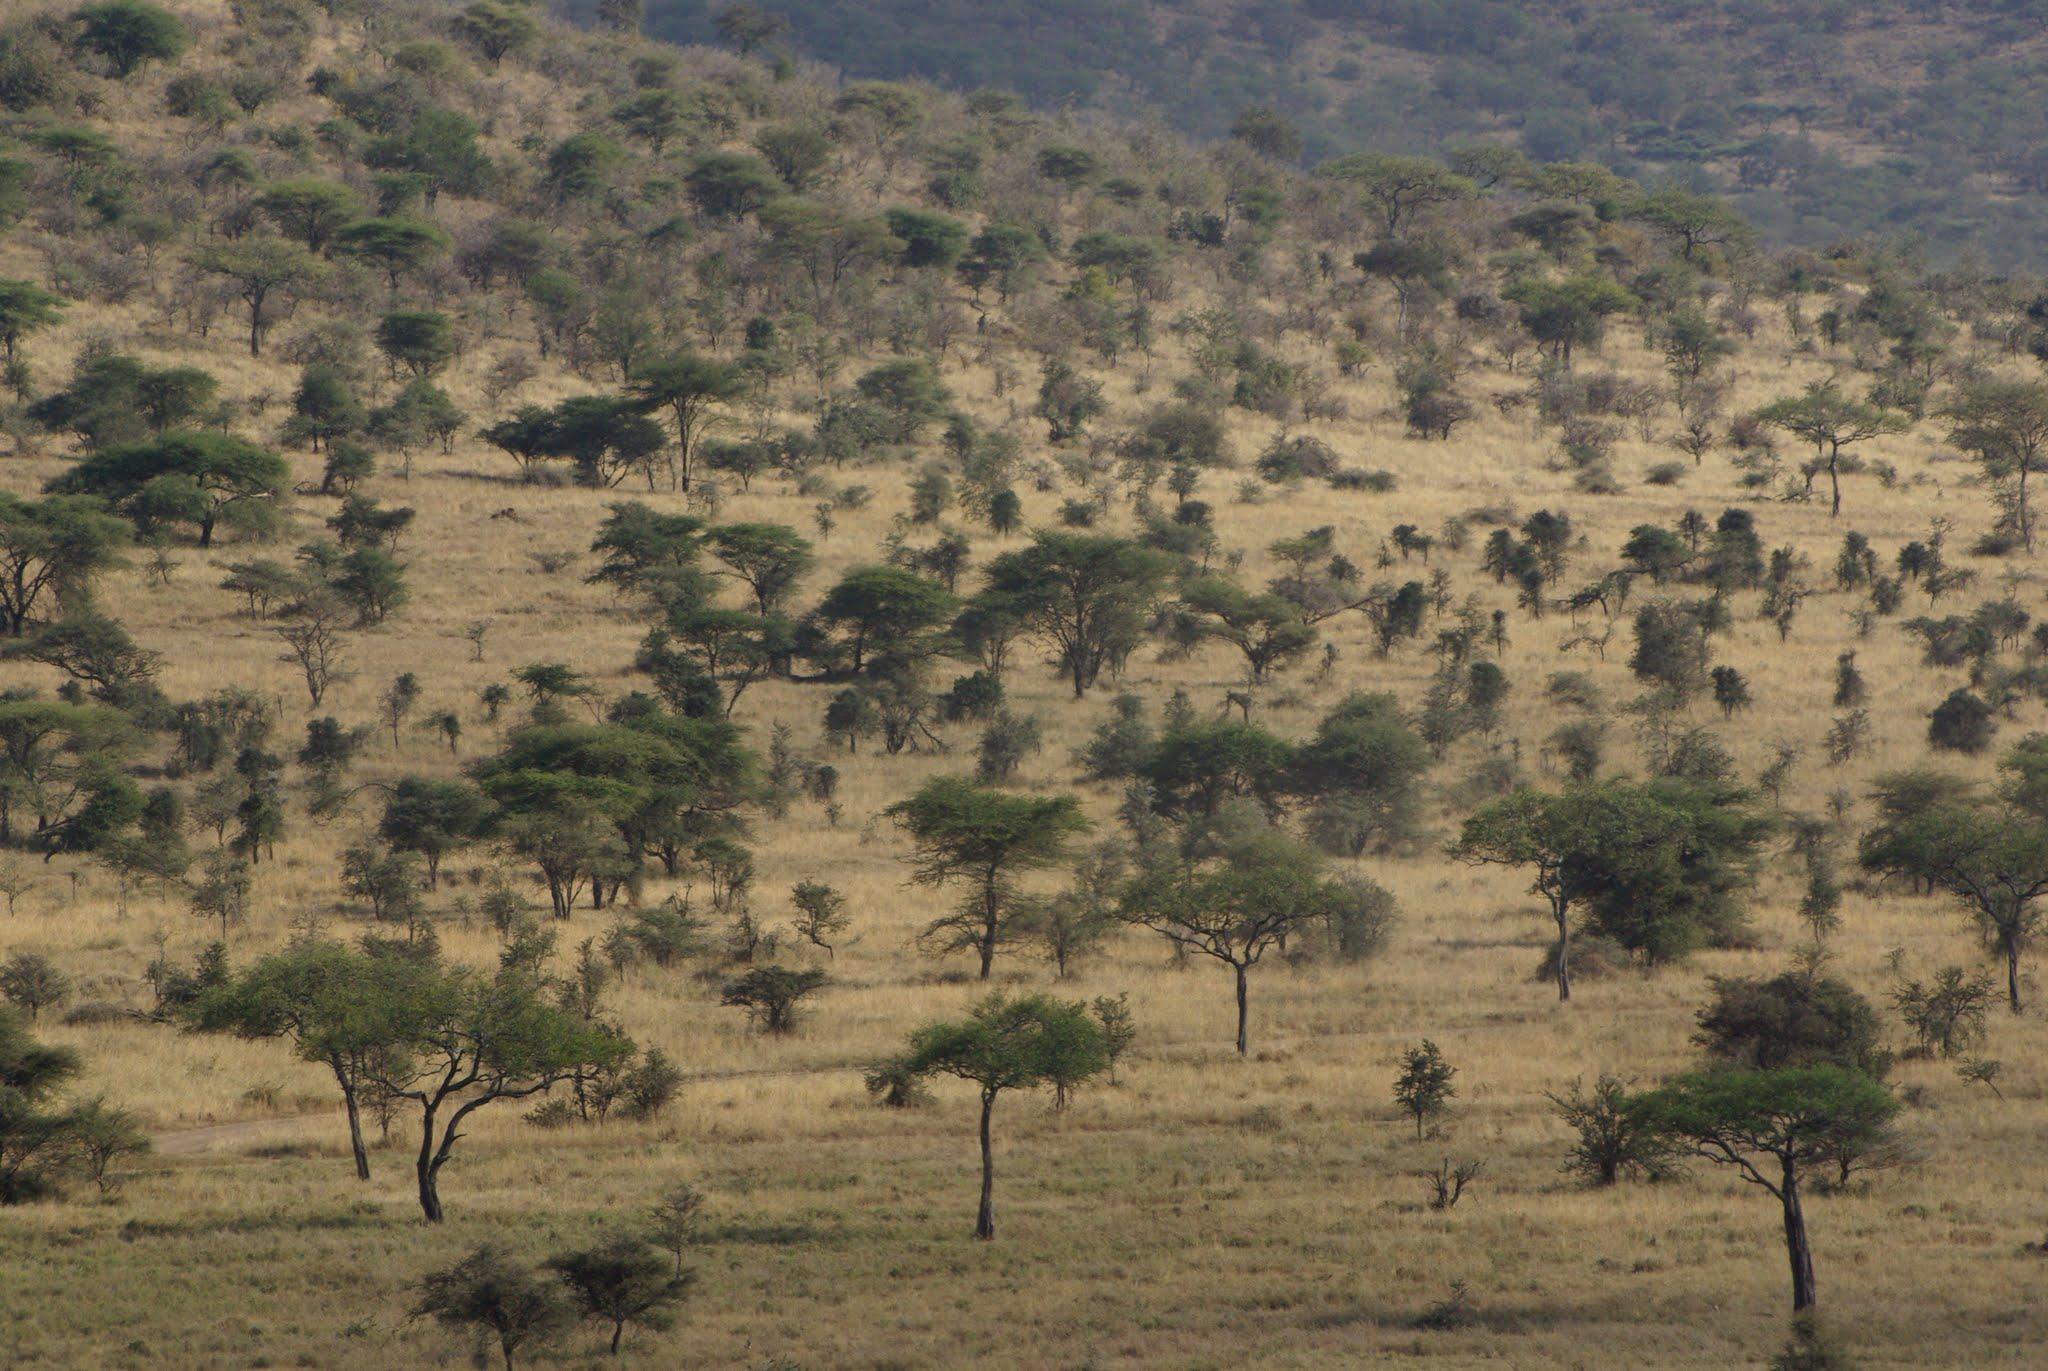 13-serengeti-06-08